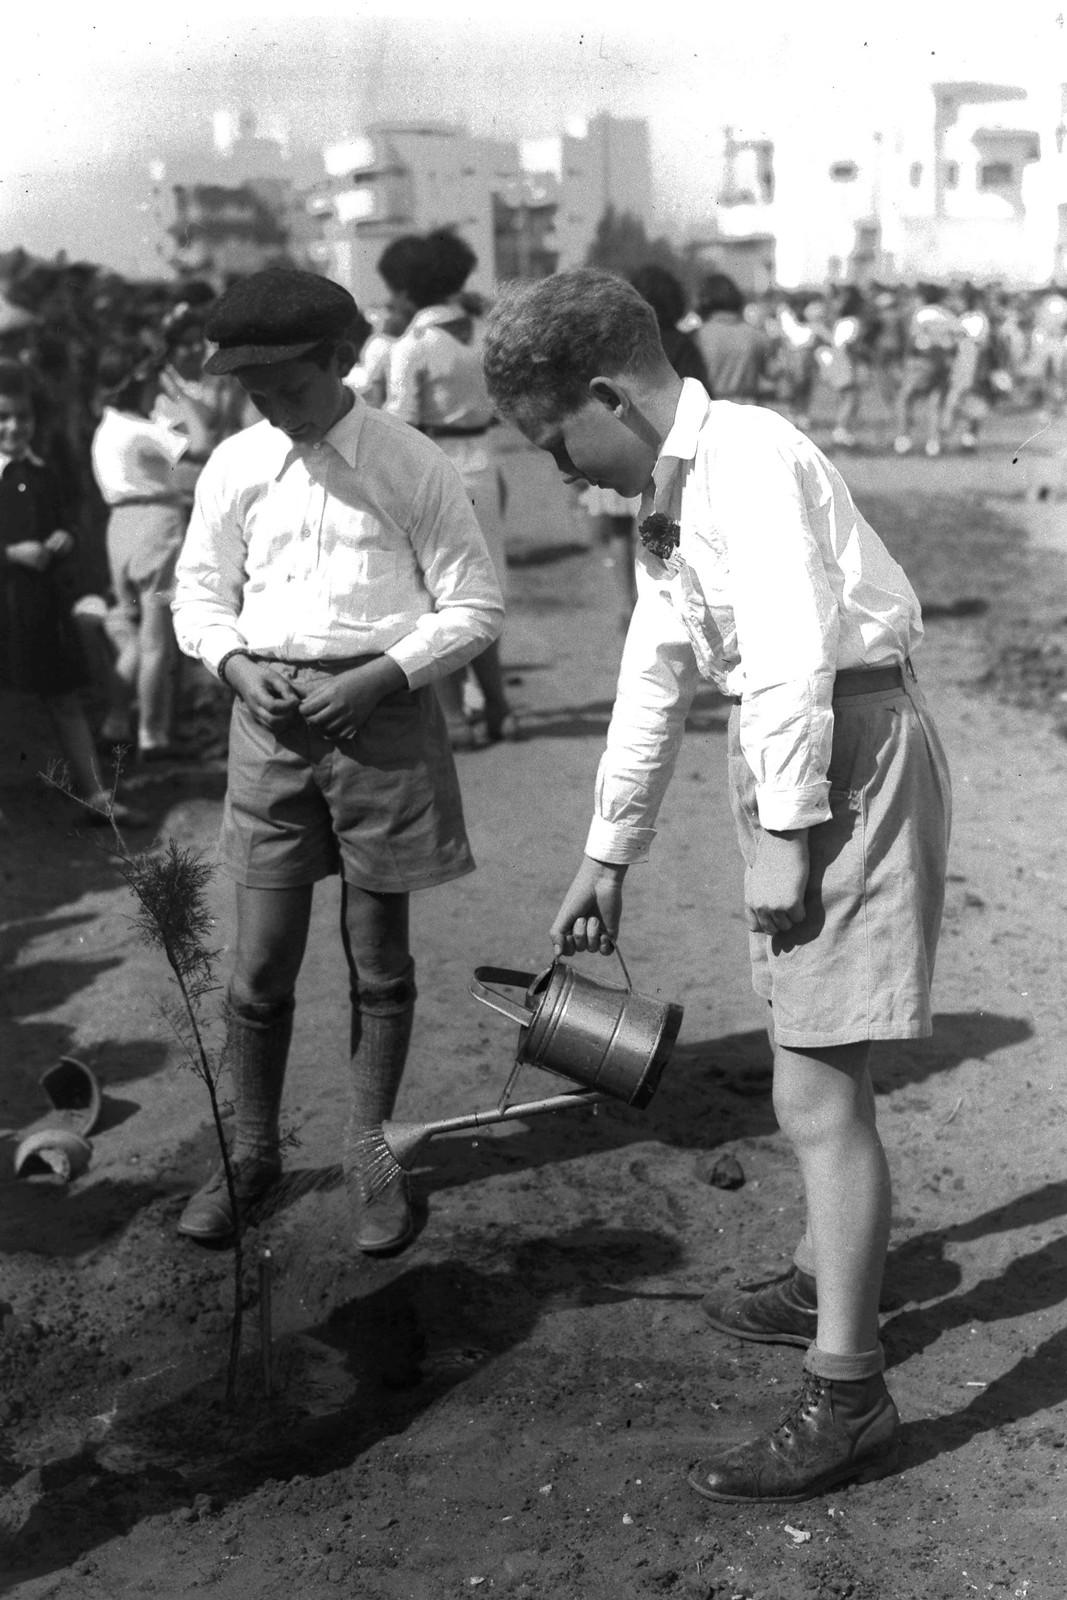 09. 1936. Ту би-Шват в Тель-Авиве